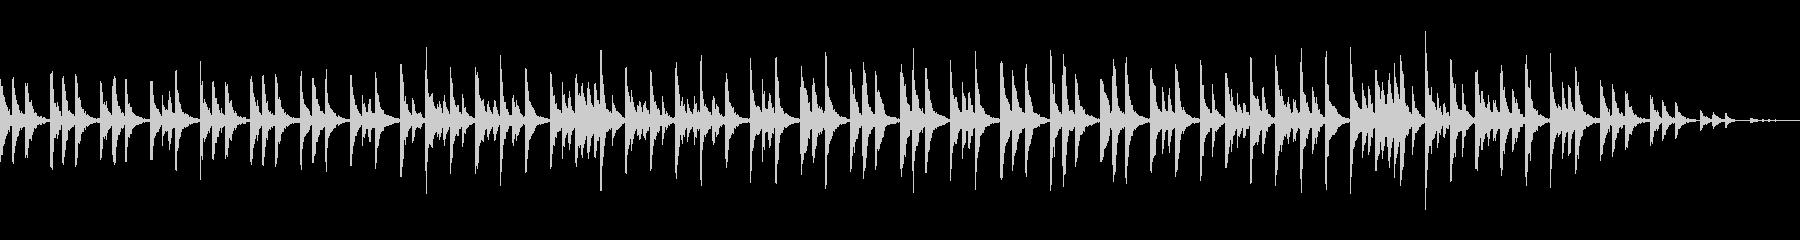 静かなピチカートストリングスの未再生の波形